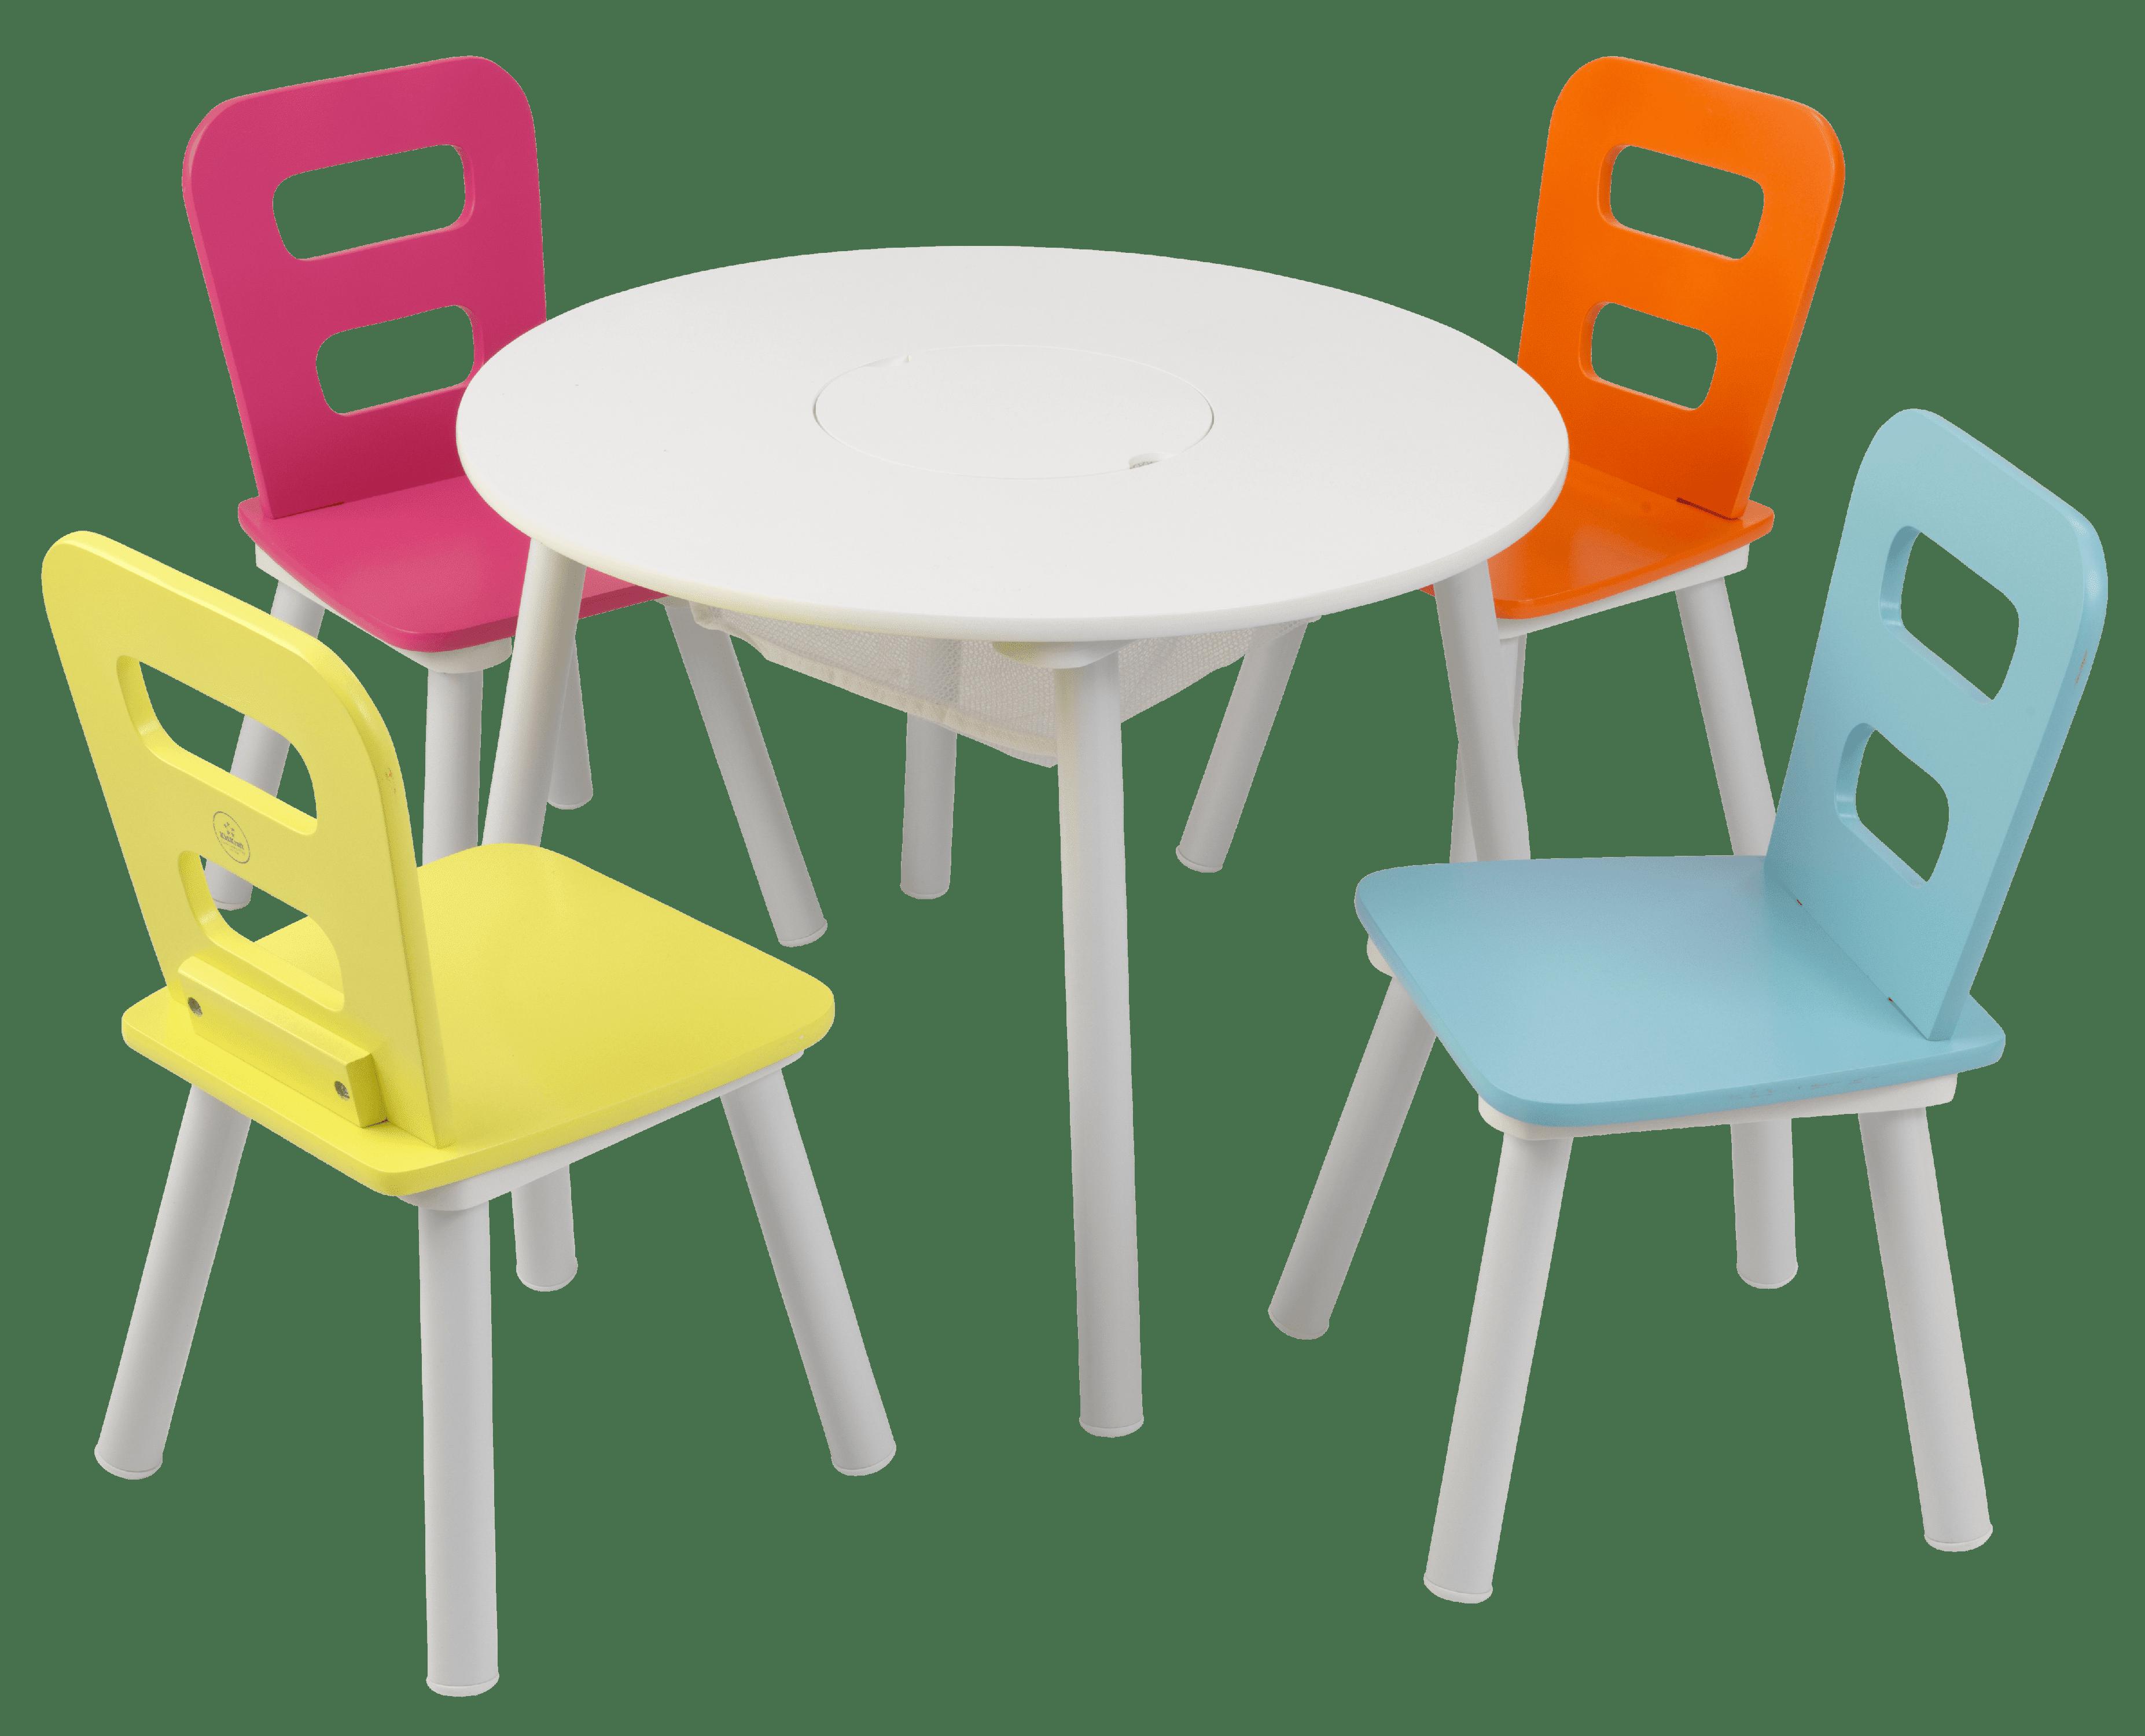 KidKraft Round Storage Table & 4 Chair Set Highlighter by KidKraft